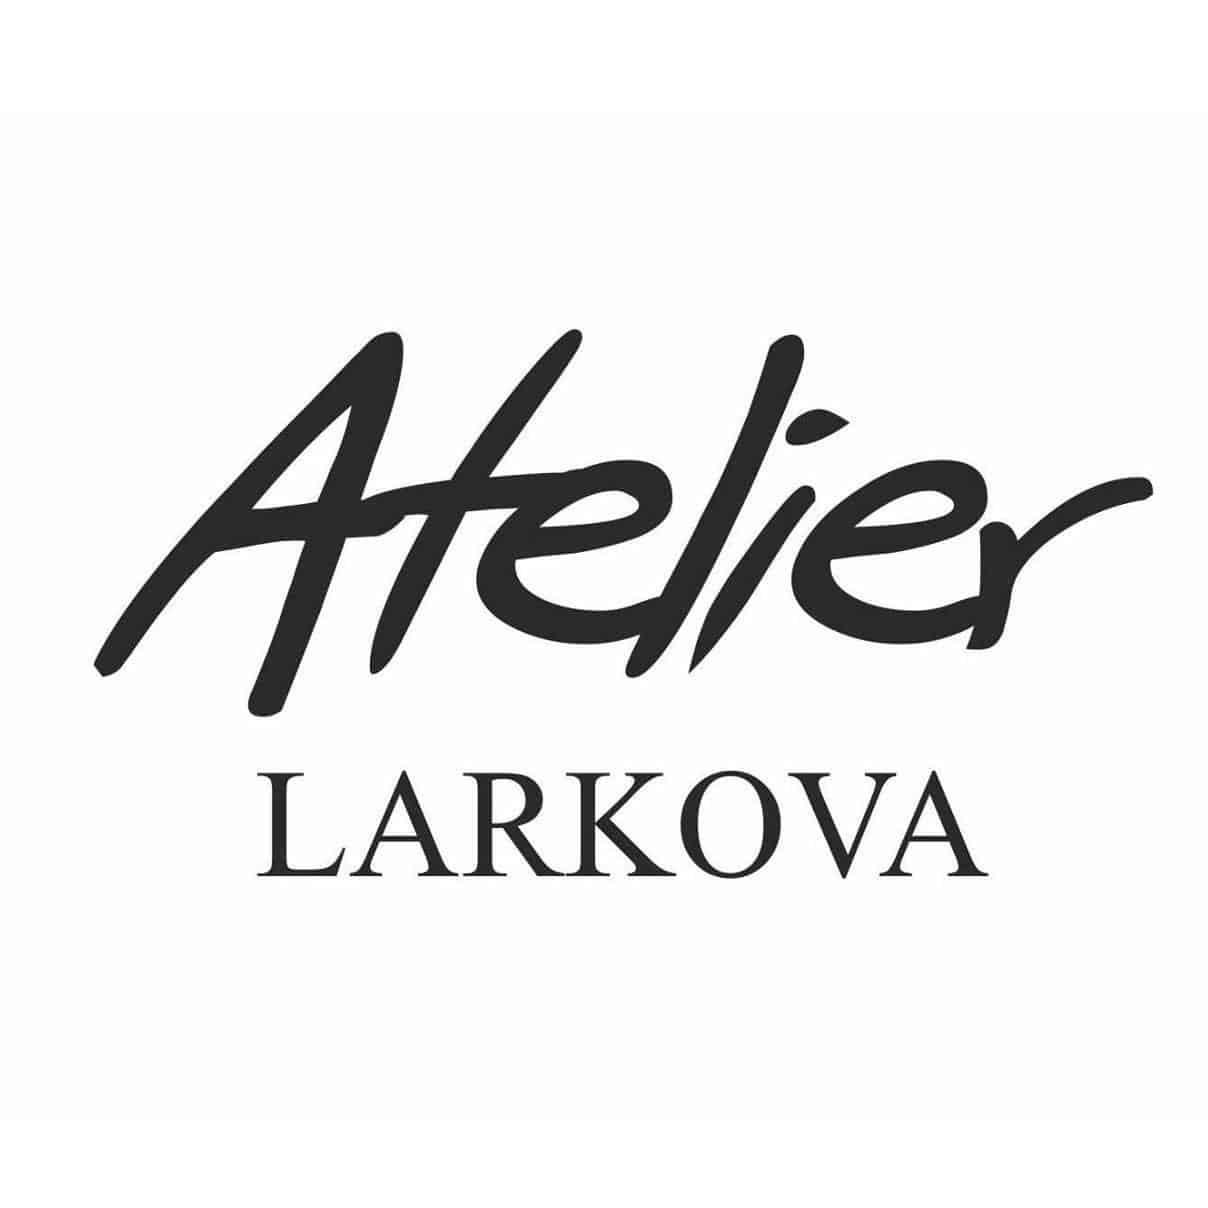 Larkova Atelier